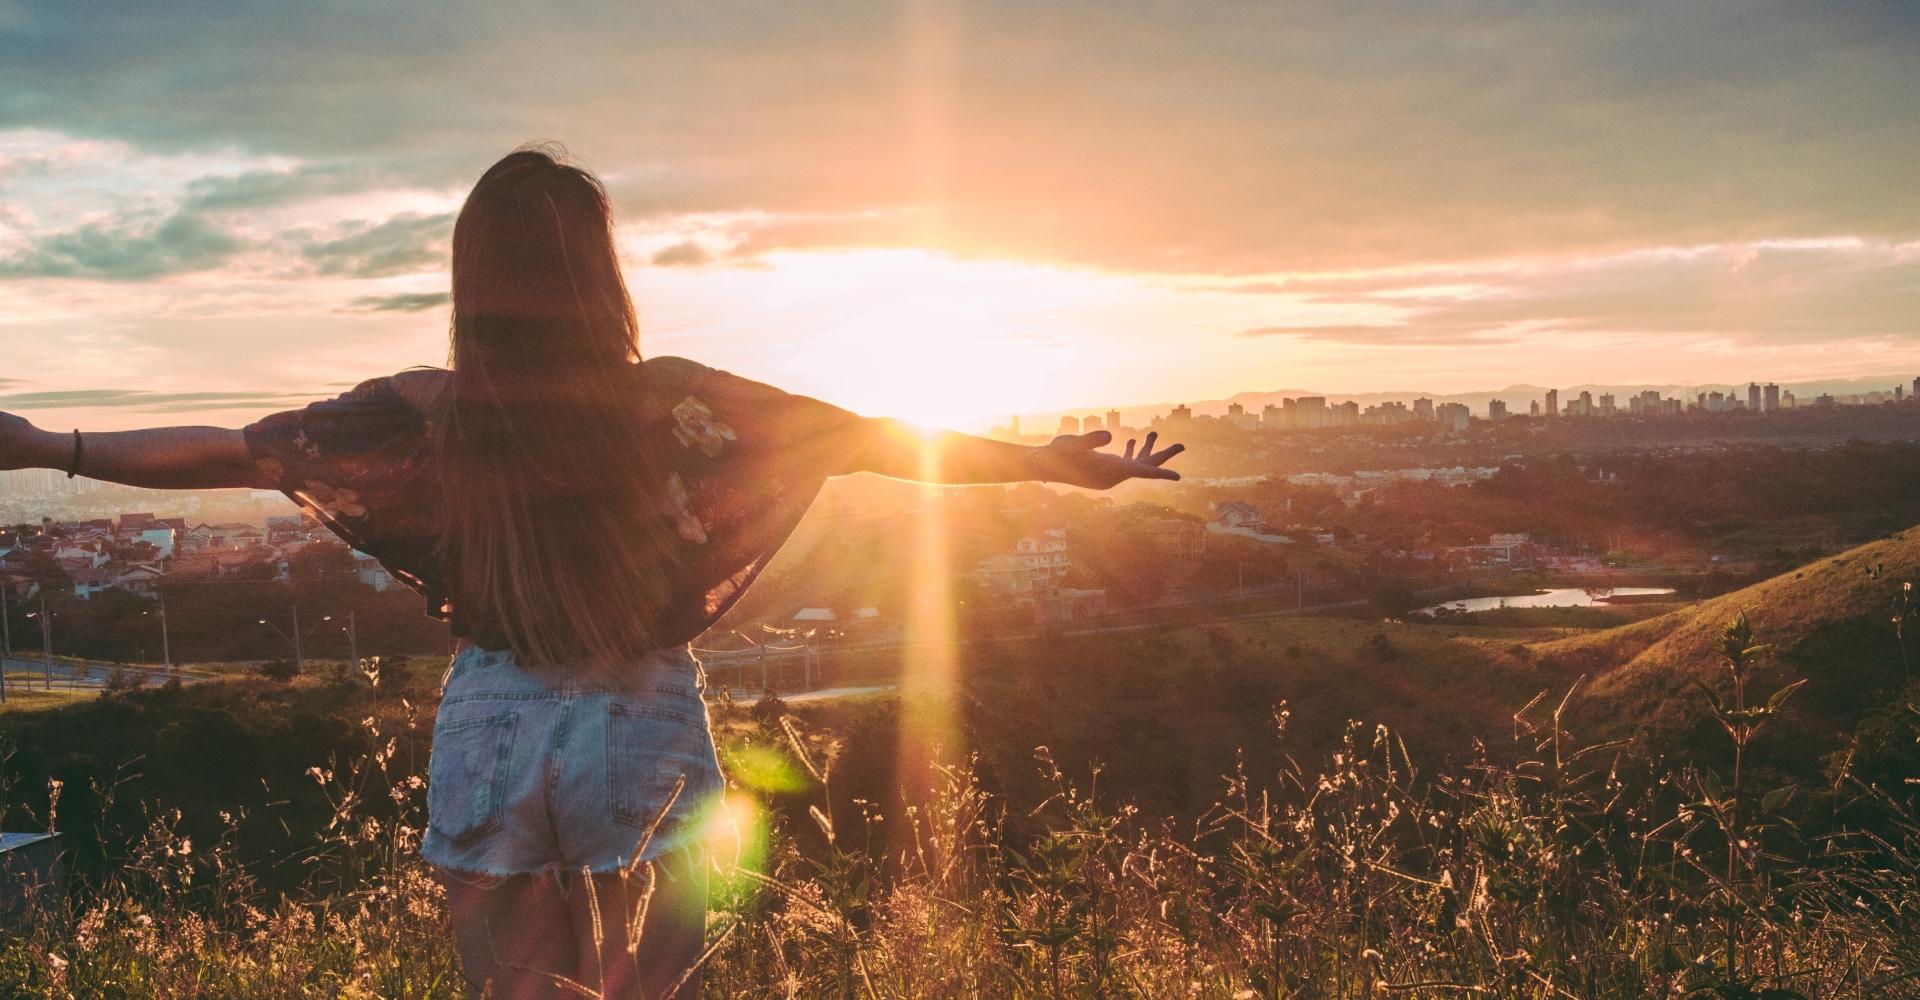 Vrouw staat in het zonlicht